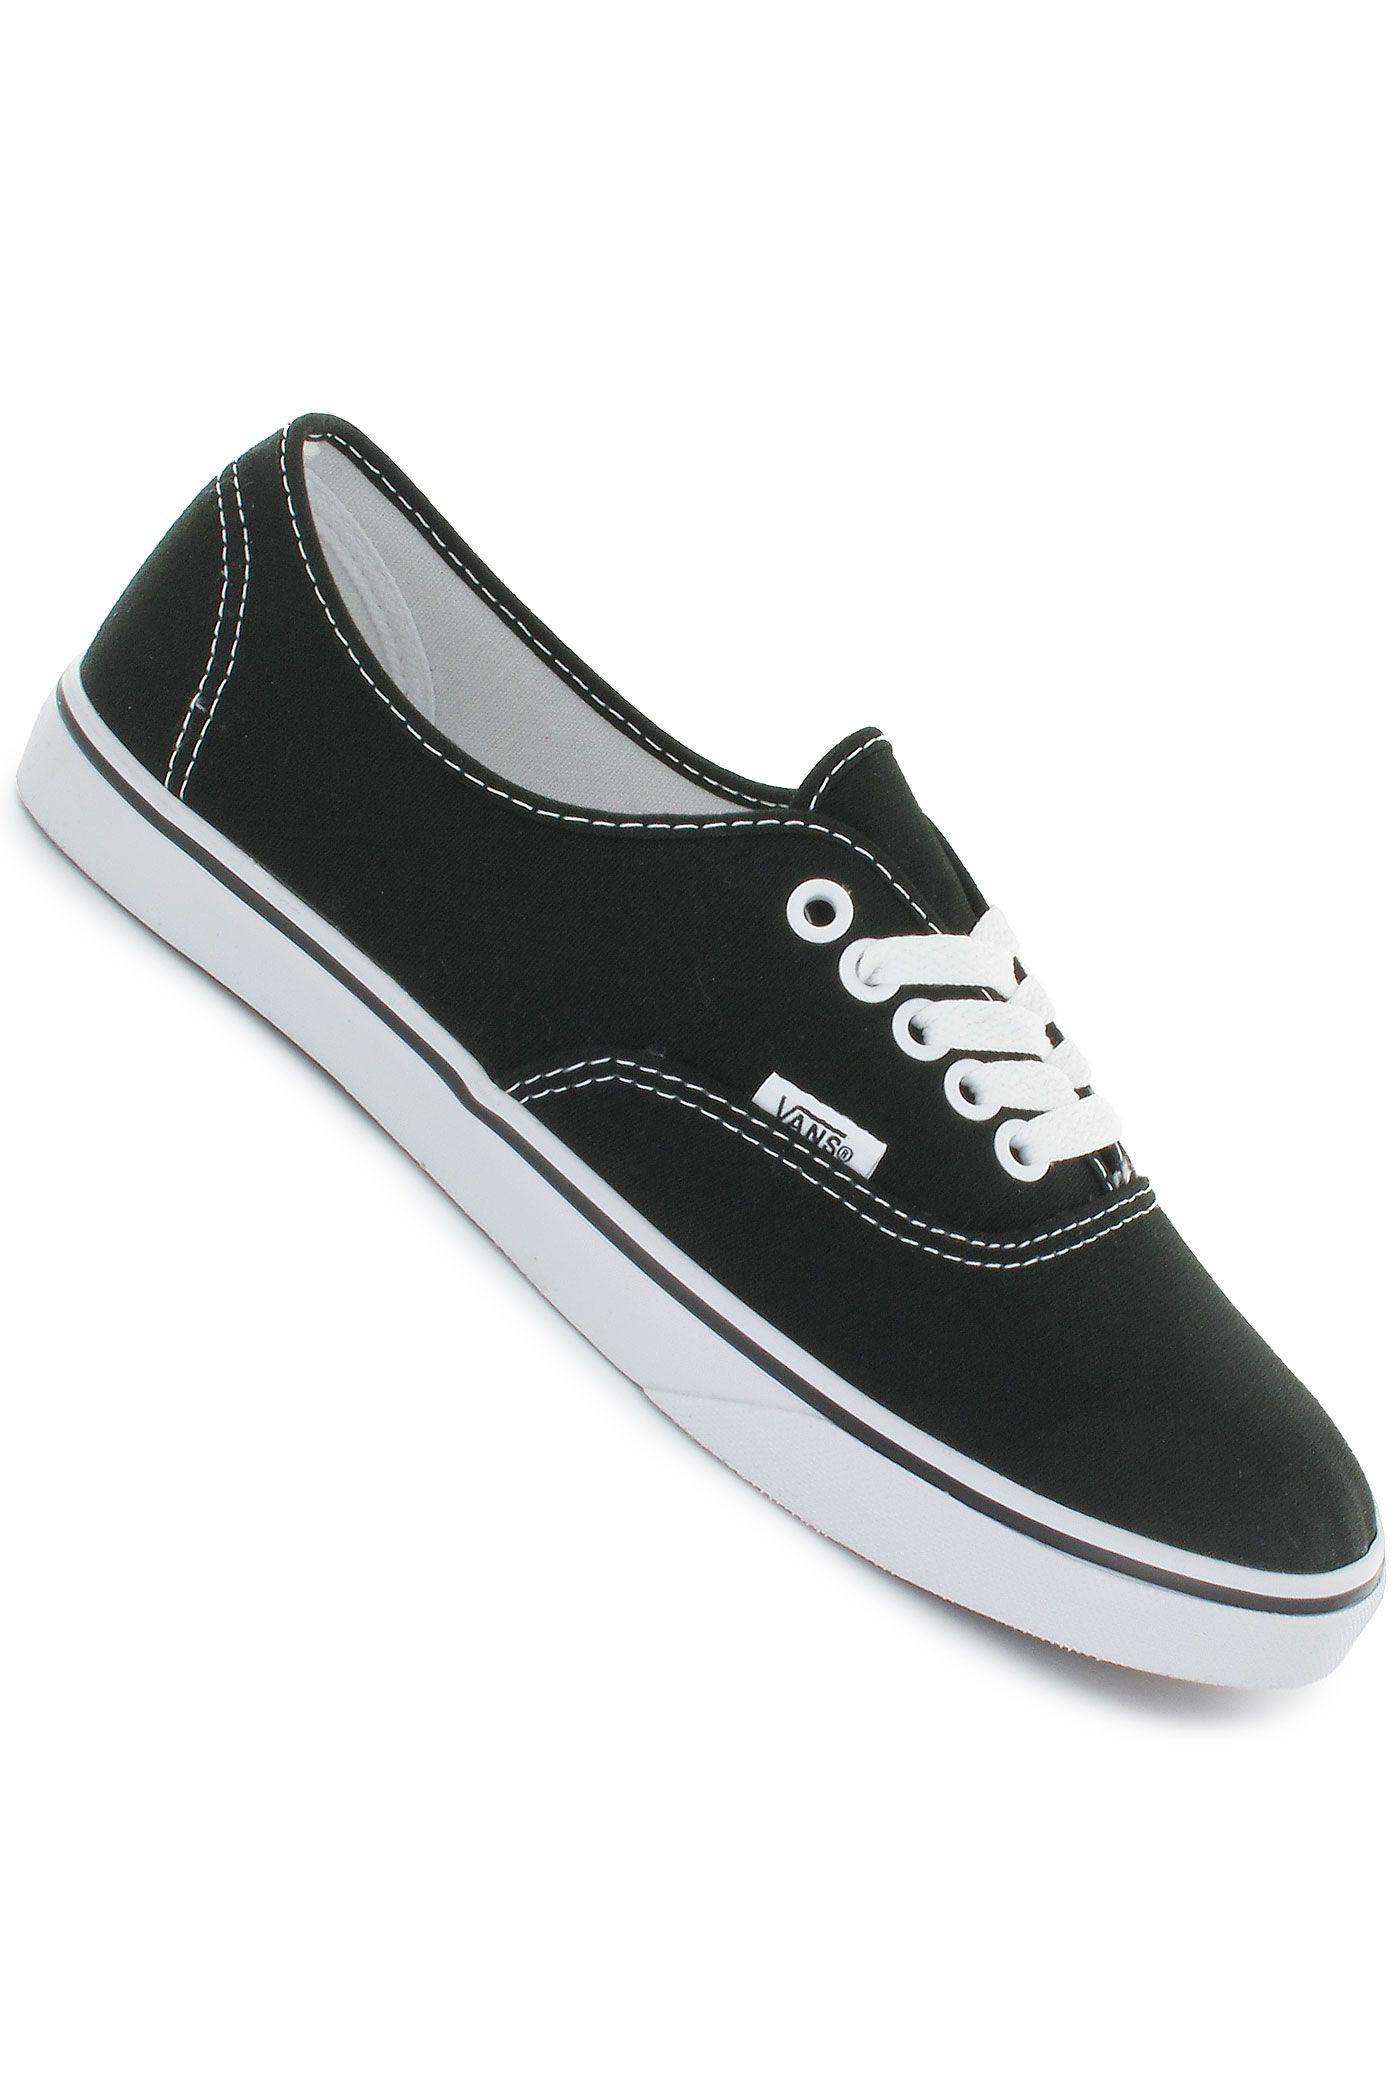 ec08484a2d Vans Sk8-Hi Plattform 2.0 Shoes women (black true white)